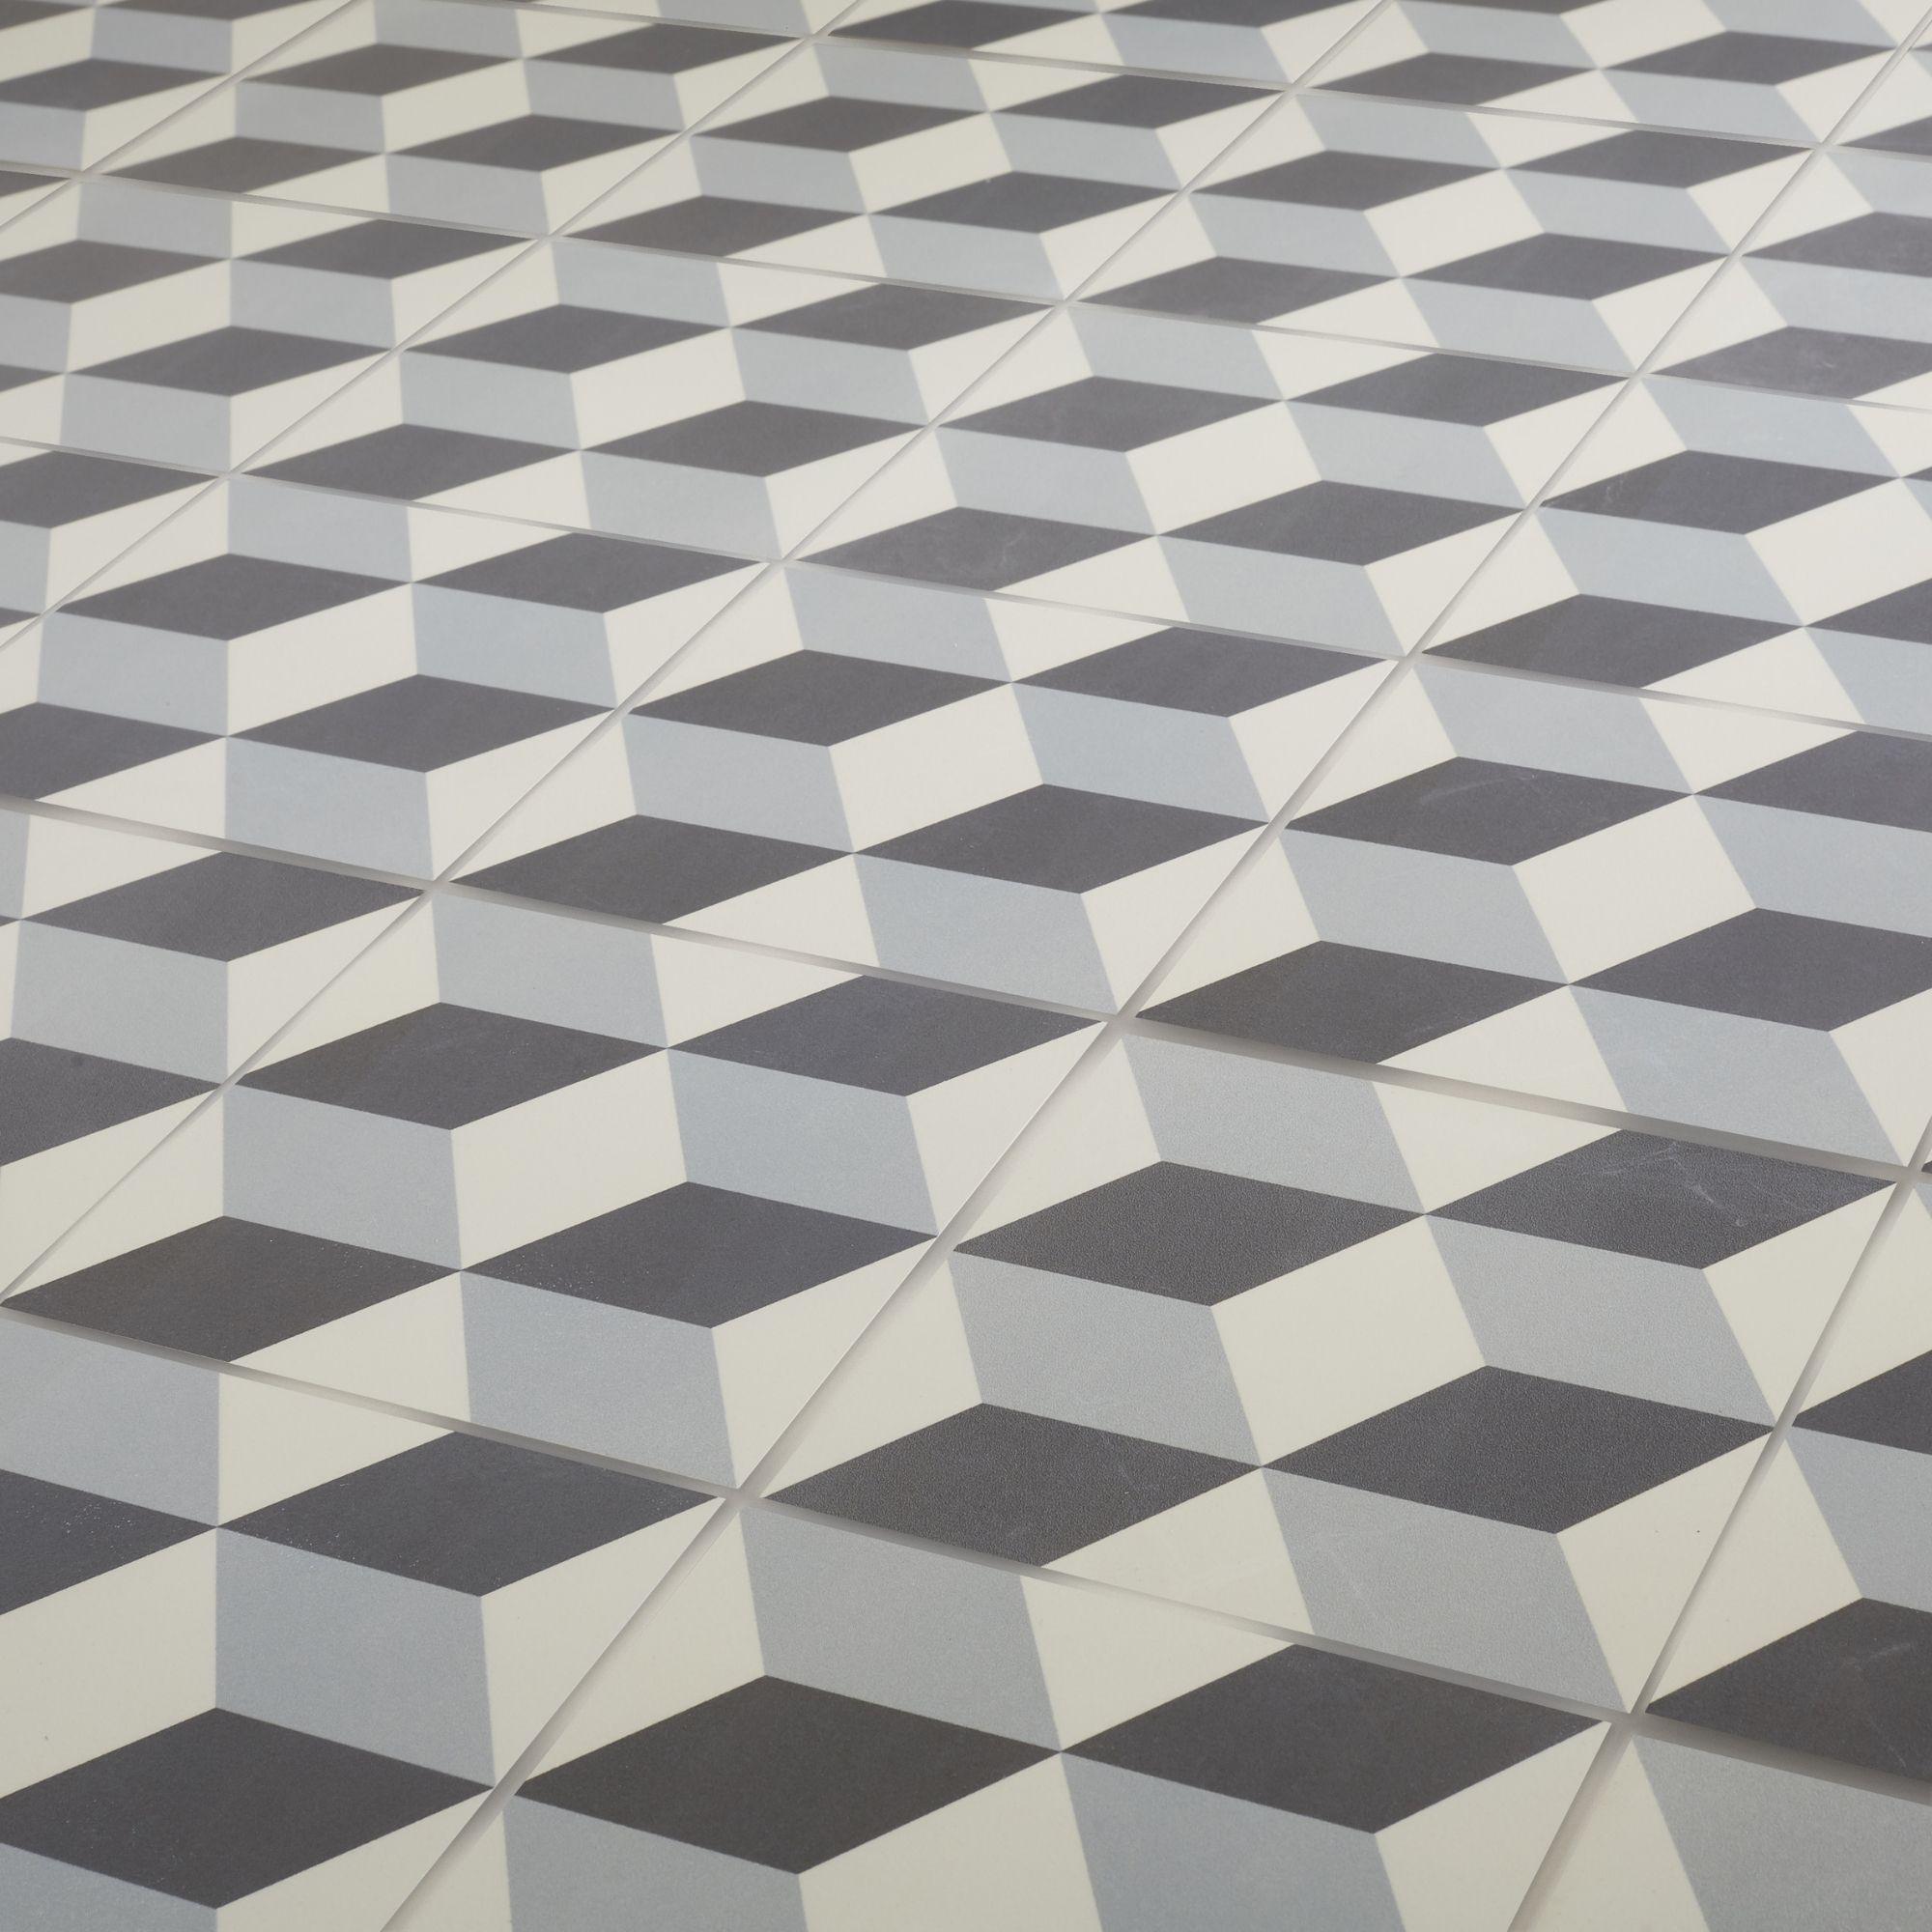 Hydrolic Black & white Matt Concrete Porcelain Floor tile, Pack of ...